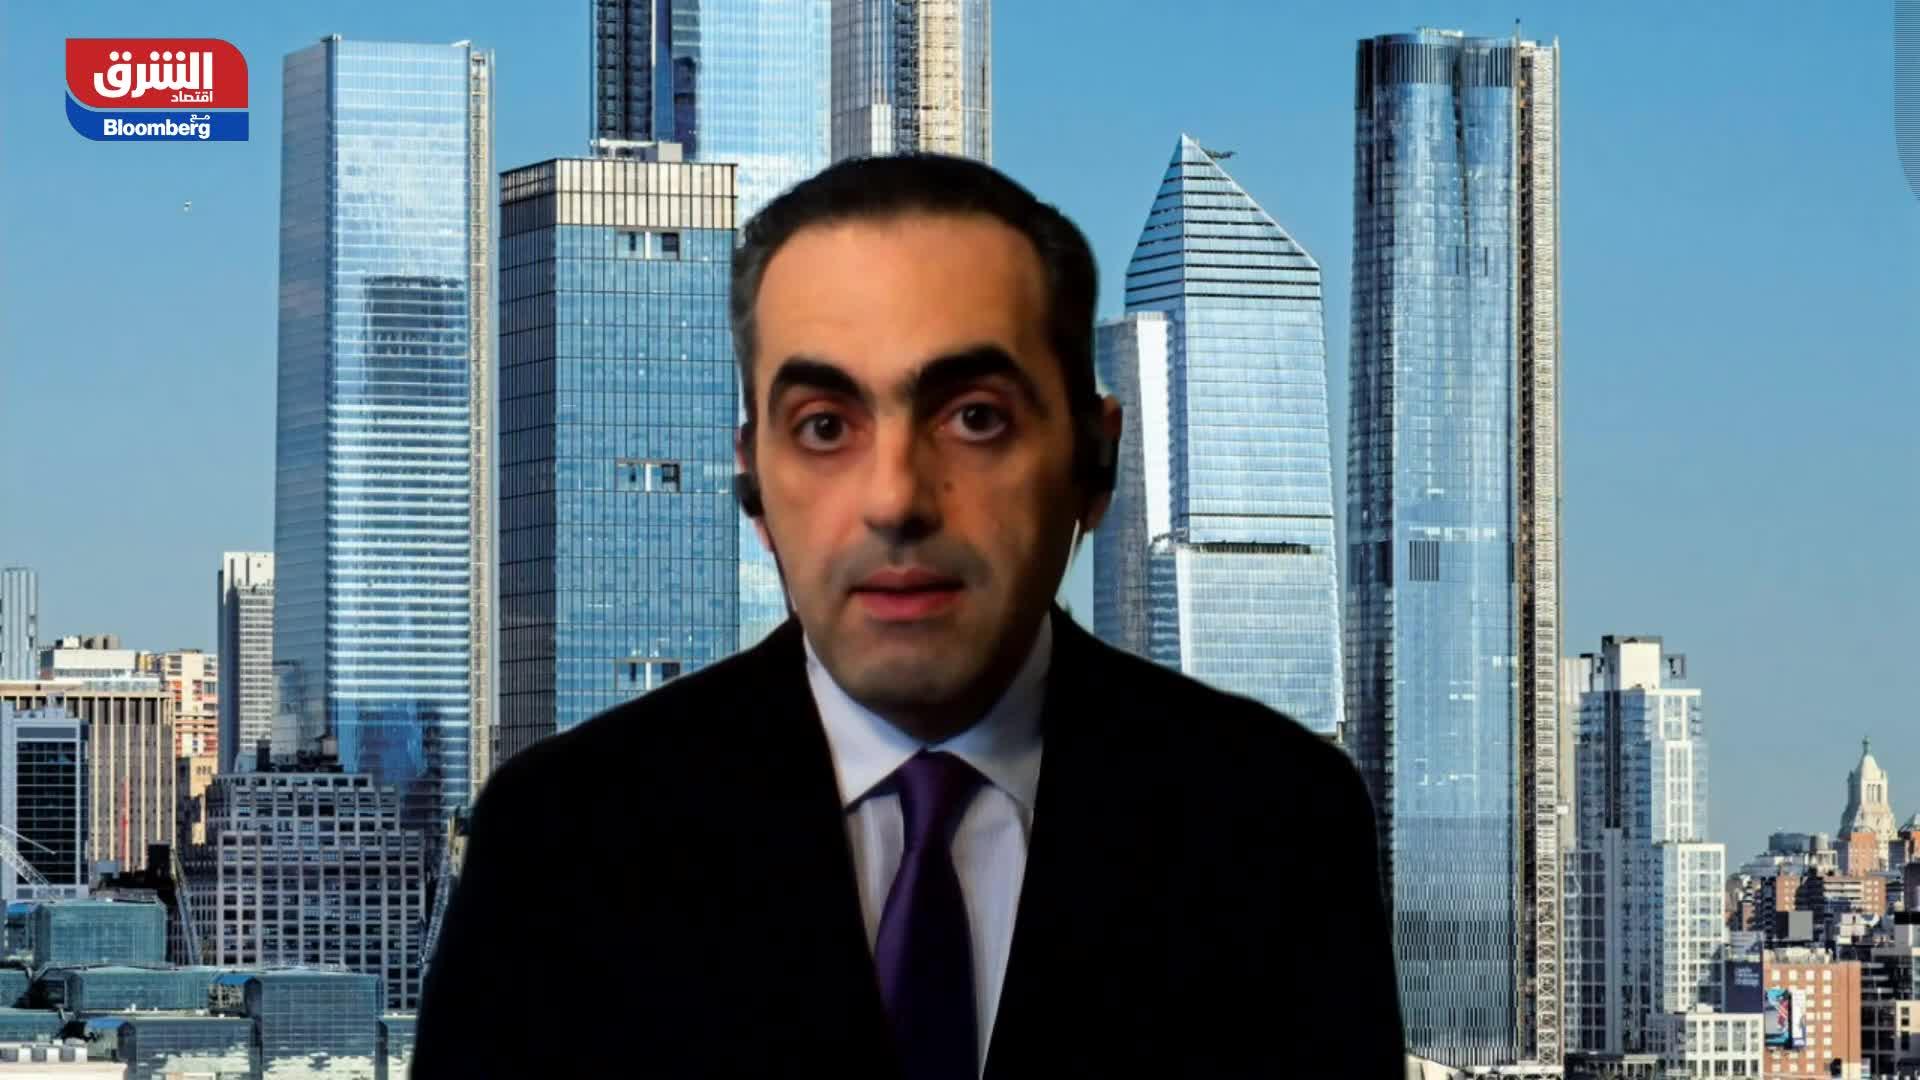 باول: تقليص مشتريات الأصول منتصف 2022